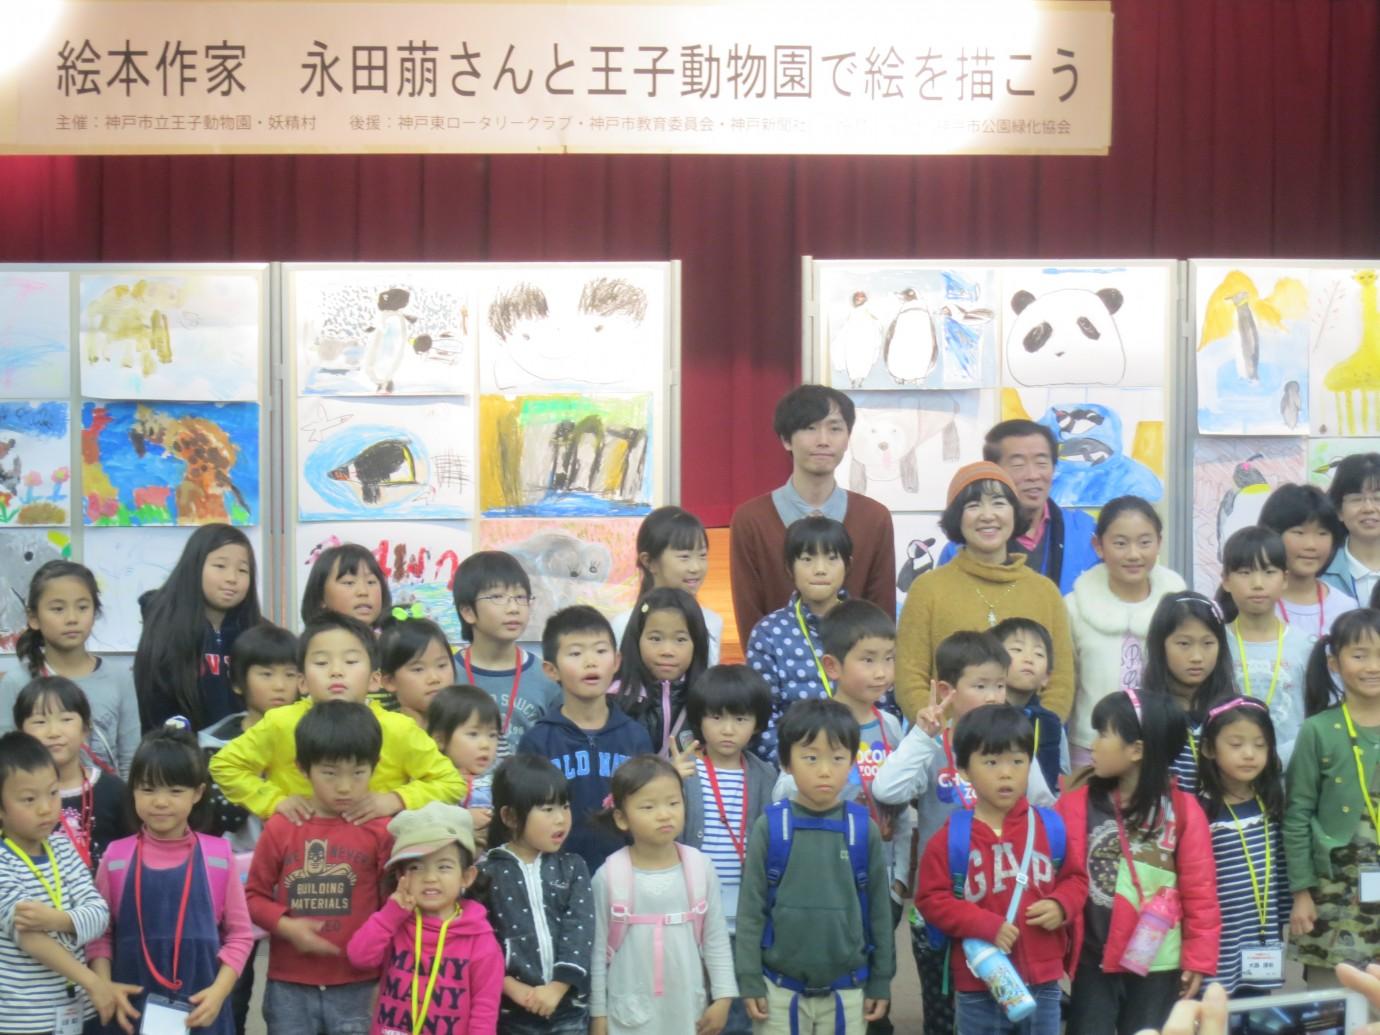 第3回「絵本作家 永田萠さんと王子動物園で絵を描こう」